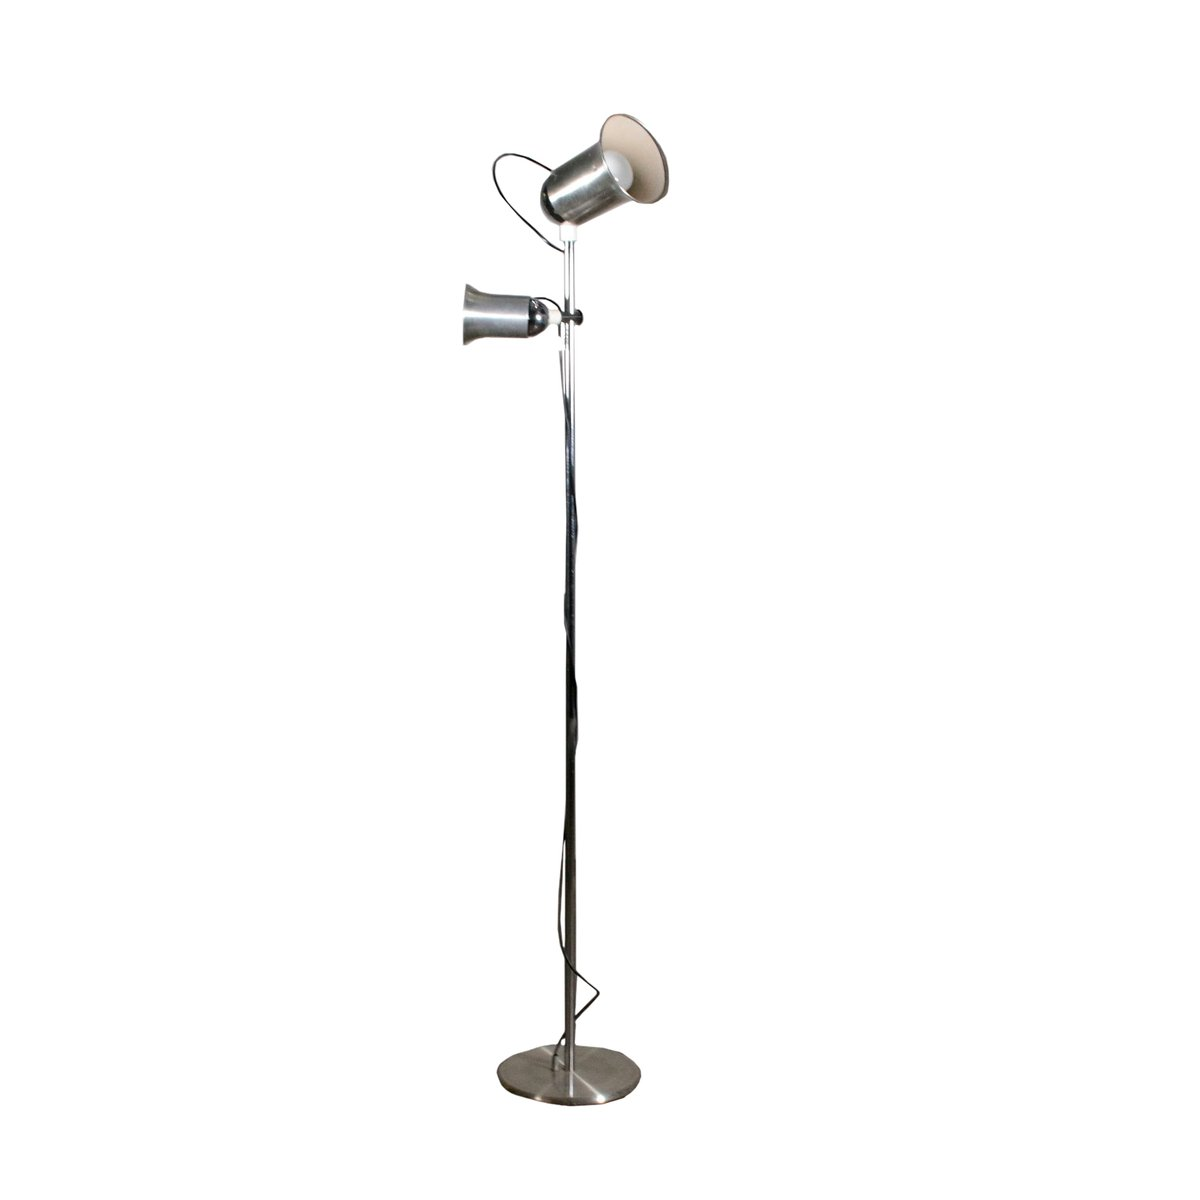 Italienische Stehlampe aus Aluminium, 1970er